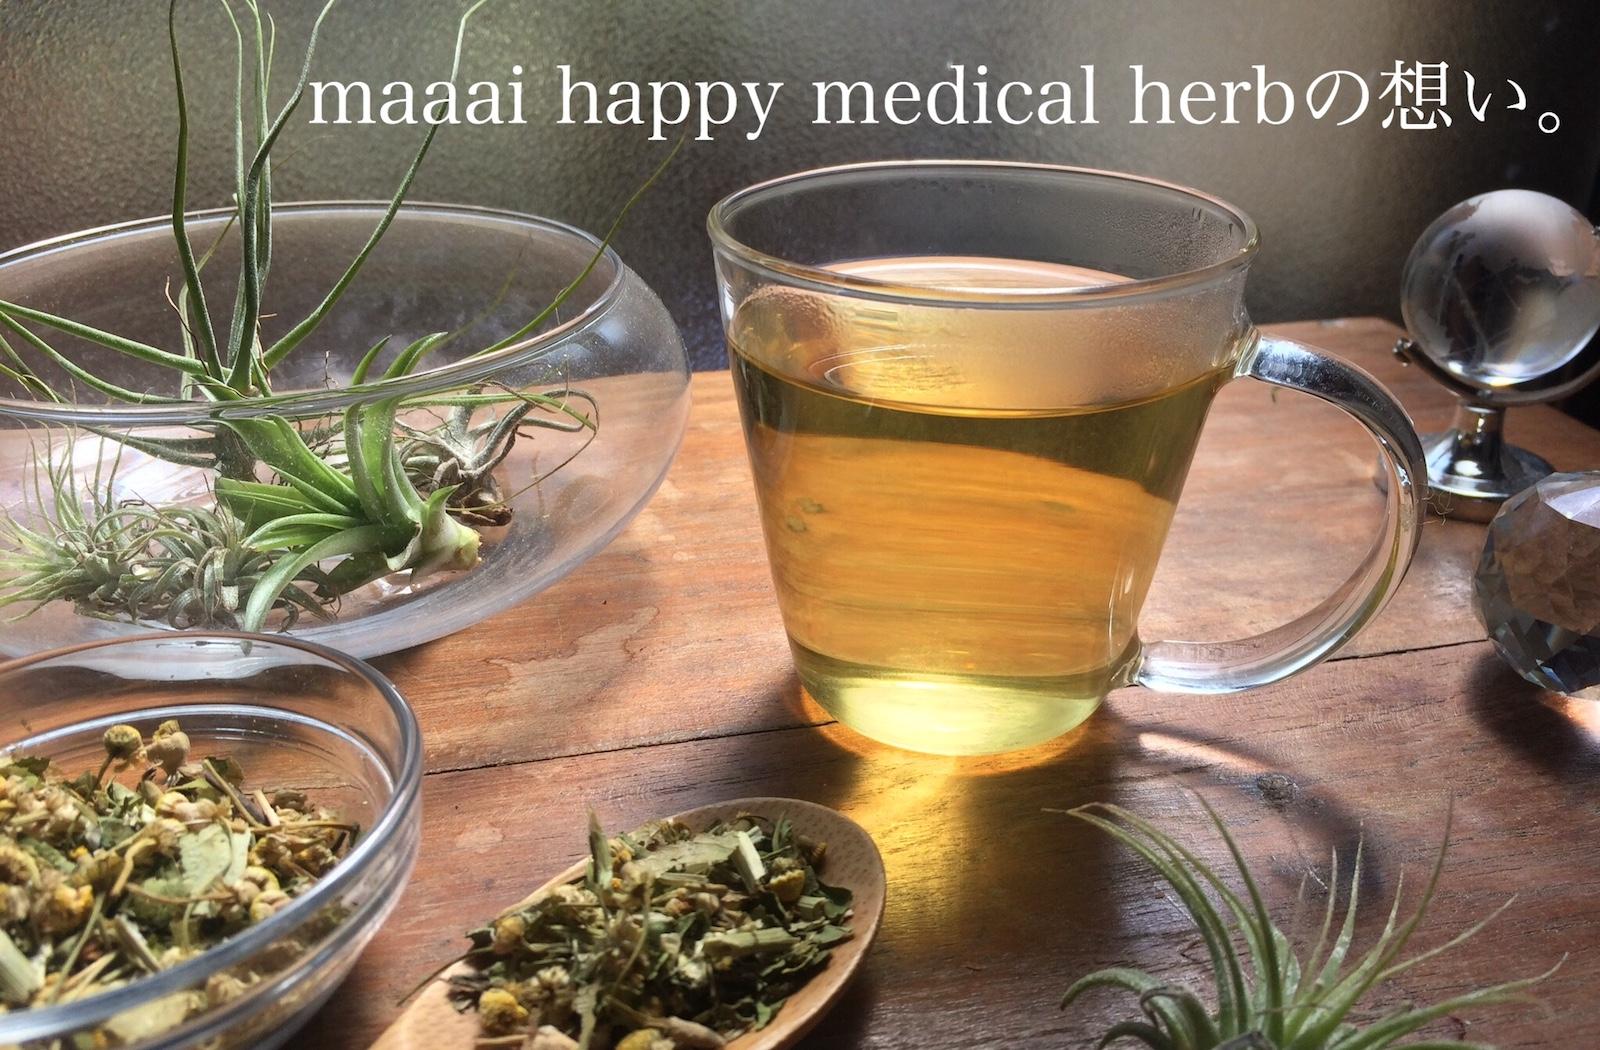 はじめに 《maaai happy medical herbの想い》